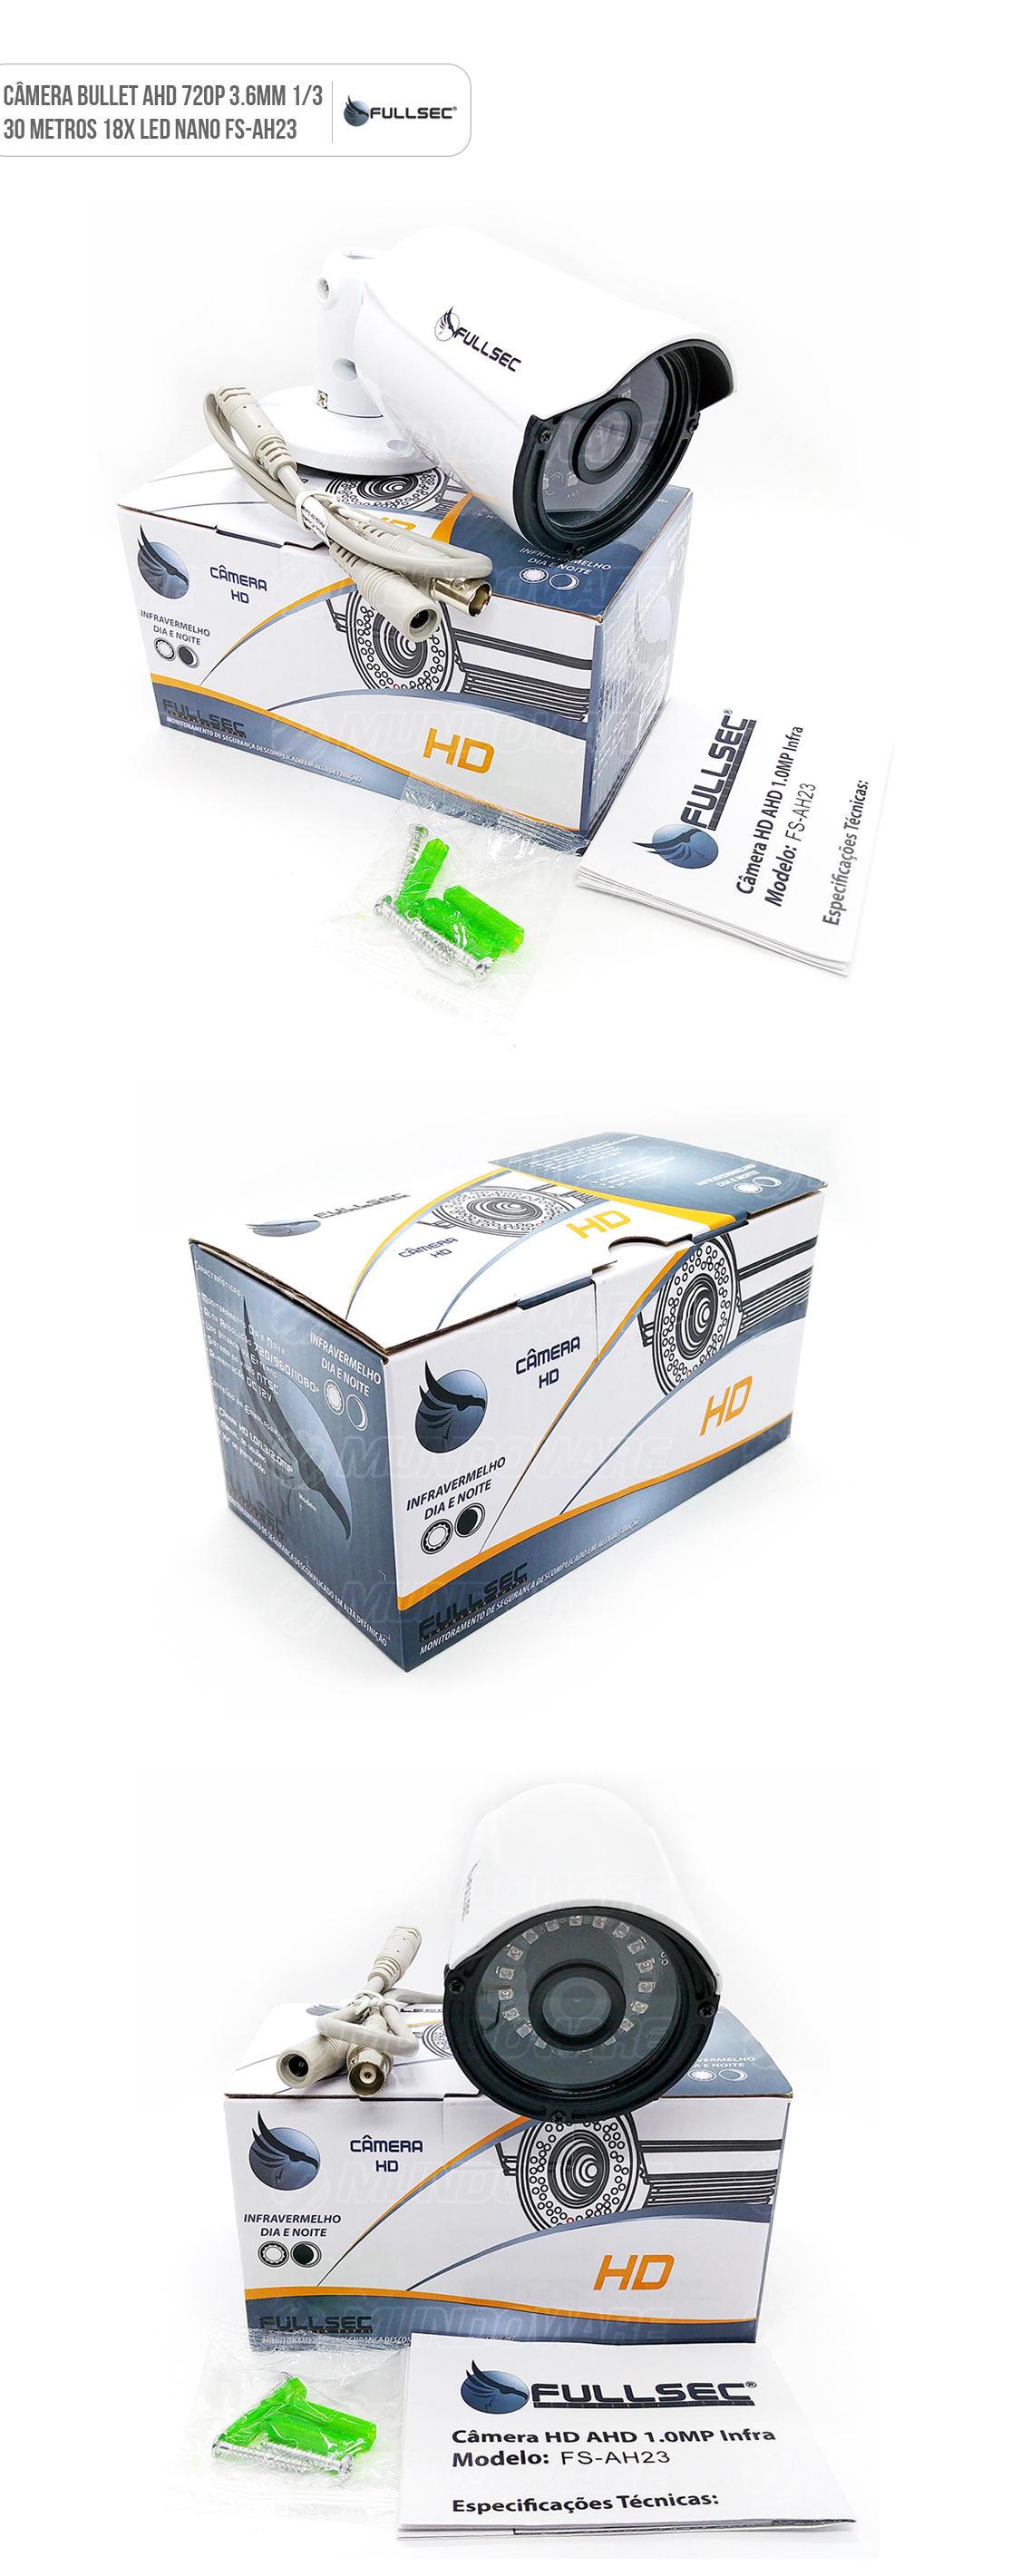 Camêra de Segurança Bullet AHD 720 pixels 3.6mm 18x LED